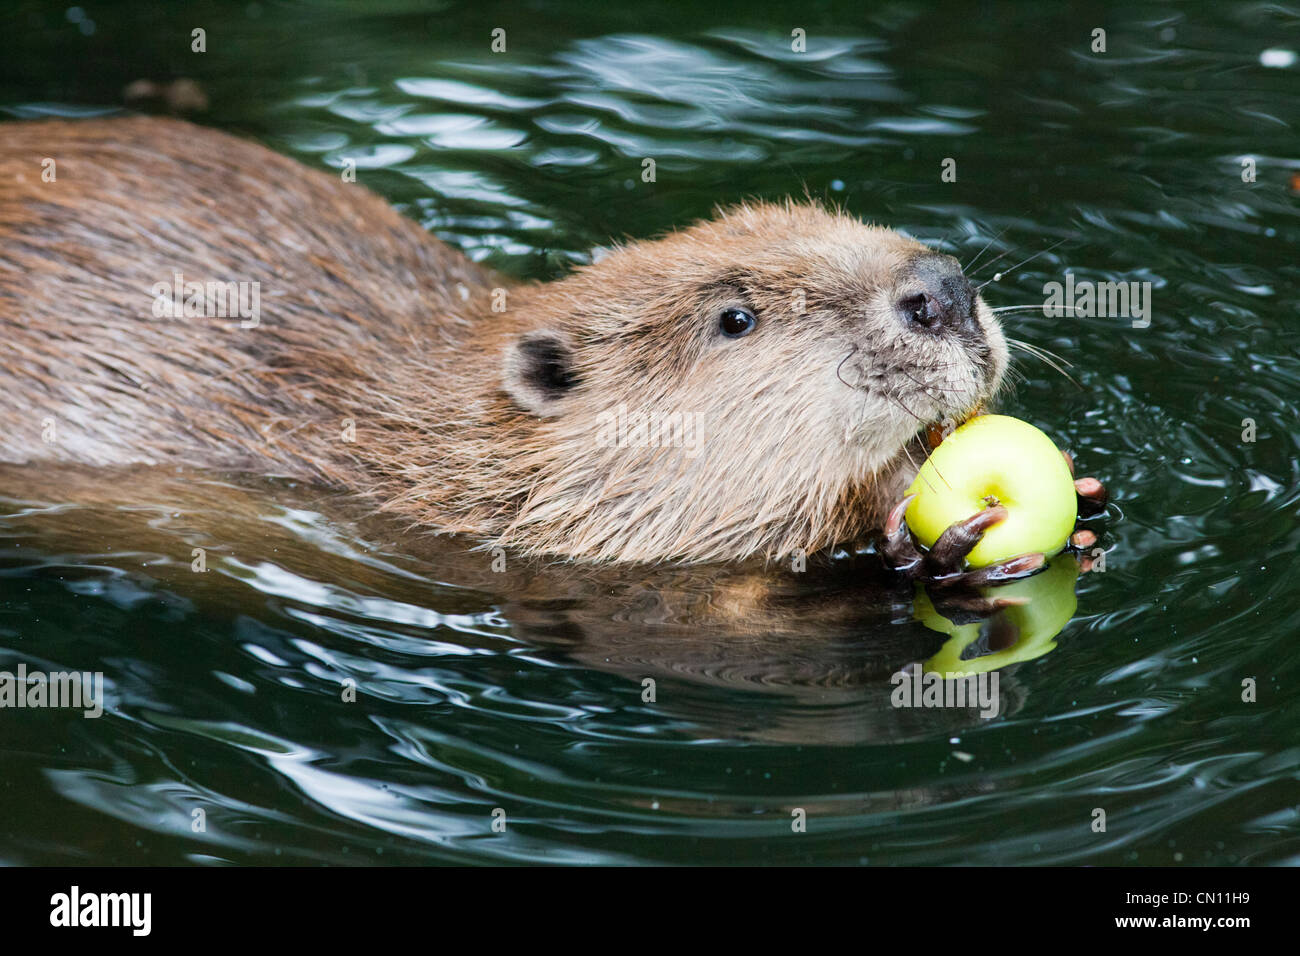 European or Eurasian Beaver - Castor fiber Stock Photo